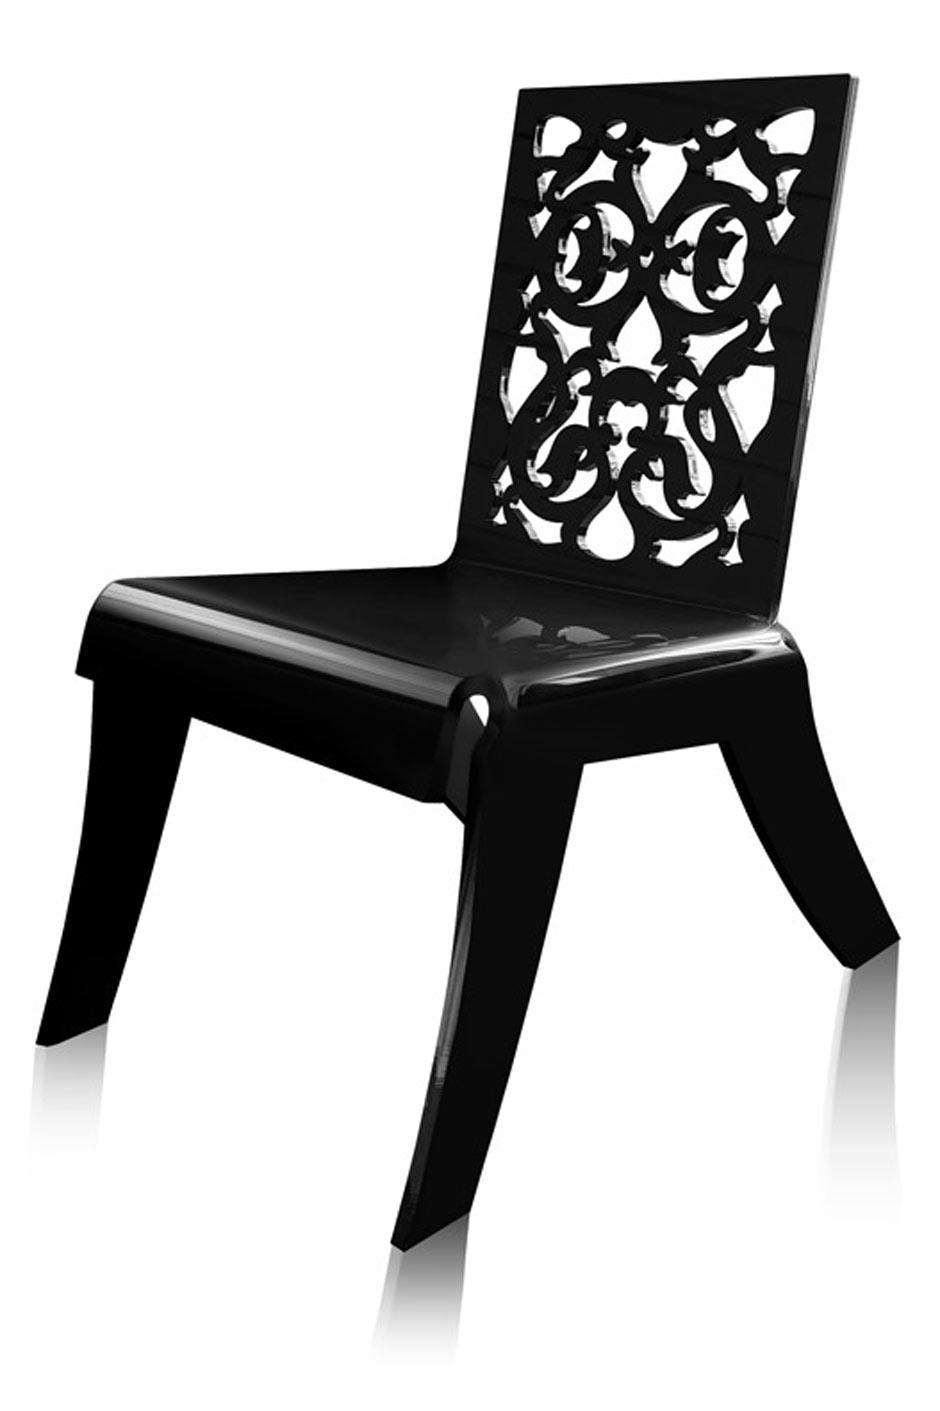 fauteuil grand soir dentelle noire acrila sp cialiste du plexiglas r f 11030413. Black Bedroom Furniture Sets. Home Design Ideas